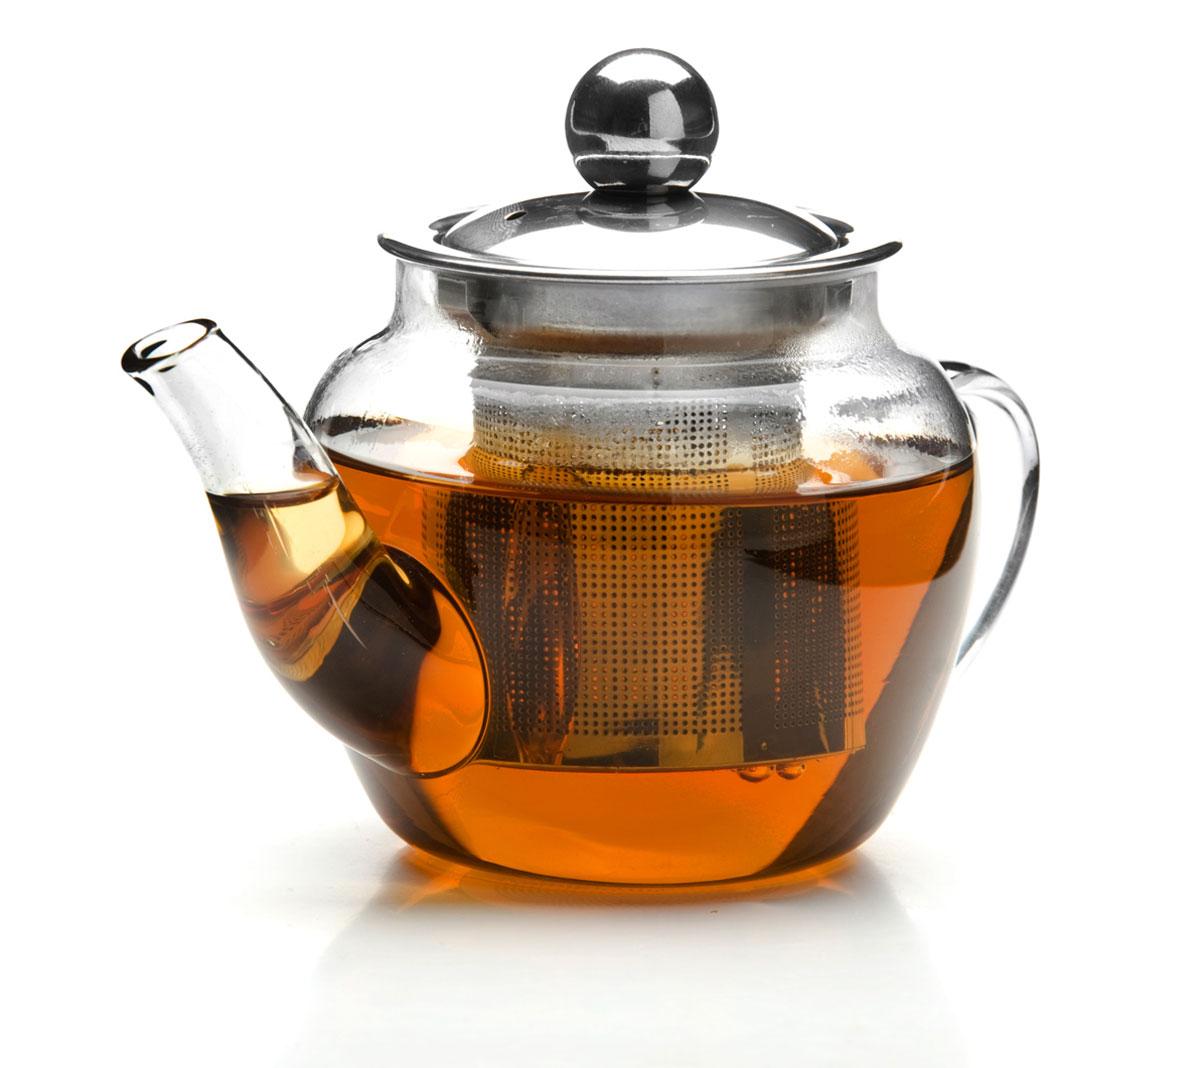 Чайник заварочный Mayer & Boch, с ситом, 200 мл. 2619826198Заварочный чайник Mayer & Boch изготовлен из термостойкого боросиликатного стекла, крышка и фильтр выполнены из нержавеющей стали. Изделия из стекла не впитывают запахи, благодаря чему вы всегда получите натуральный, насыщенный вкус и аромат напитков. Заварочный чайник из стекла удобно использовать для повседневного заваривания чая практически любого сорта. Но цветочные, фруктовые, красные и желтые сорта чая лучше других раскрывают свой вкус и аромат при заваривании именно в стеклянных чайниках, а также сохраняют все полезные ферменты и витамины, содержащиеся в чайных листах. Стальной фильтр гарантирует прозрачность и чистоту напитка от чайных листьев, при этом сохранив букет и насыщенность чая. Прозрачные стенки чайника дают возможность насладиться насыщенным цветом заваренного чая. Изящный заварочный чайник Mayer & Boch будет прекрасно смотреться в любом интерьере. Подходит для мытья в посудомоечной машине.